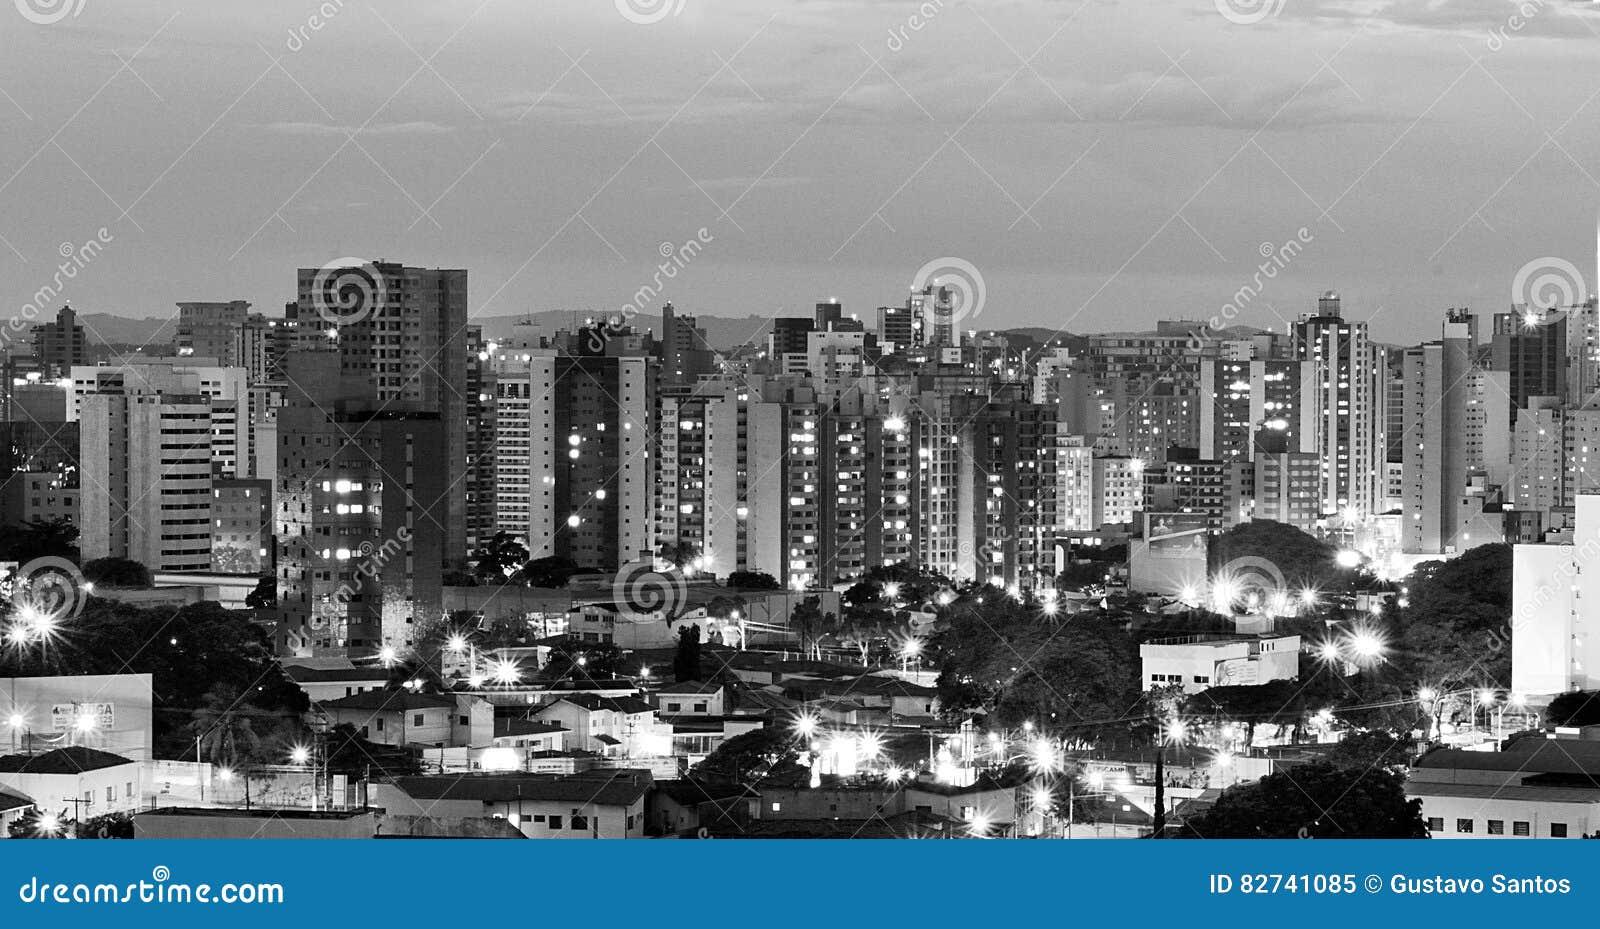 Vista superiore della città di Campinas alla sera, nel Brasile, in bianco e nero versione